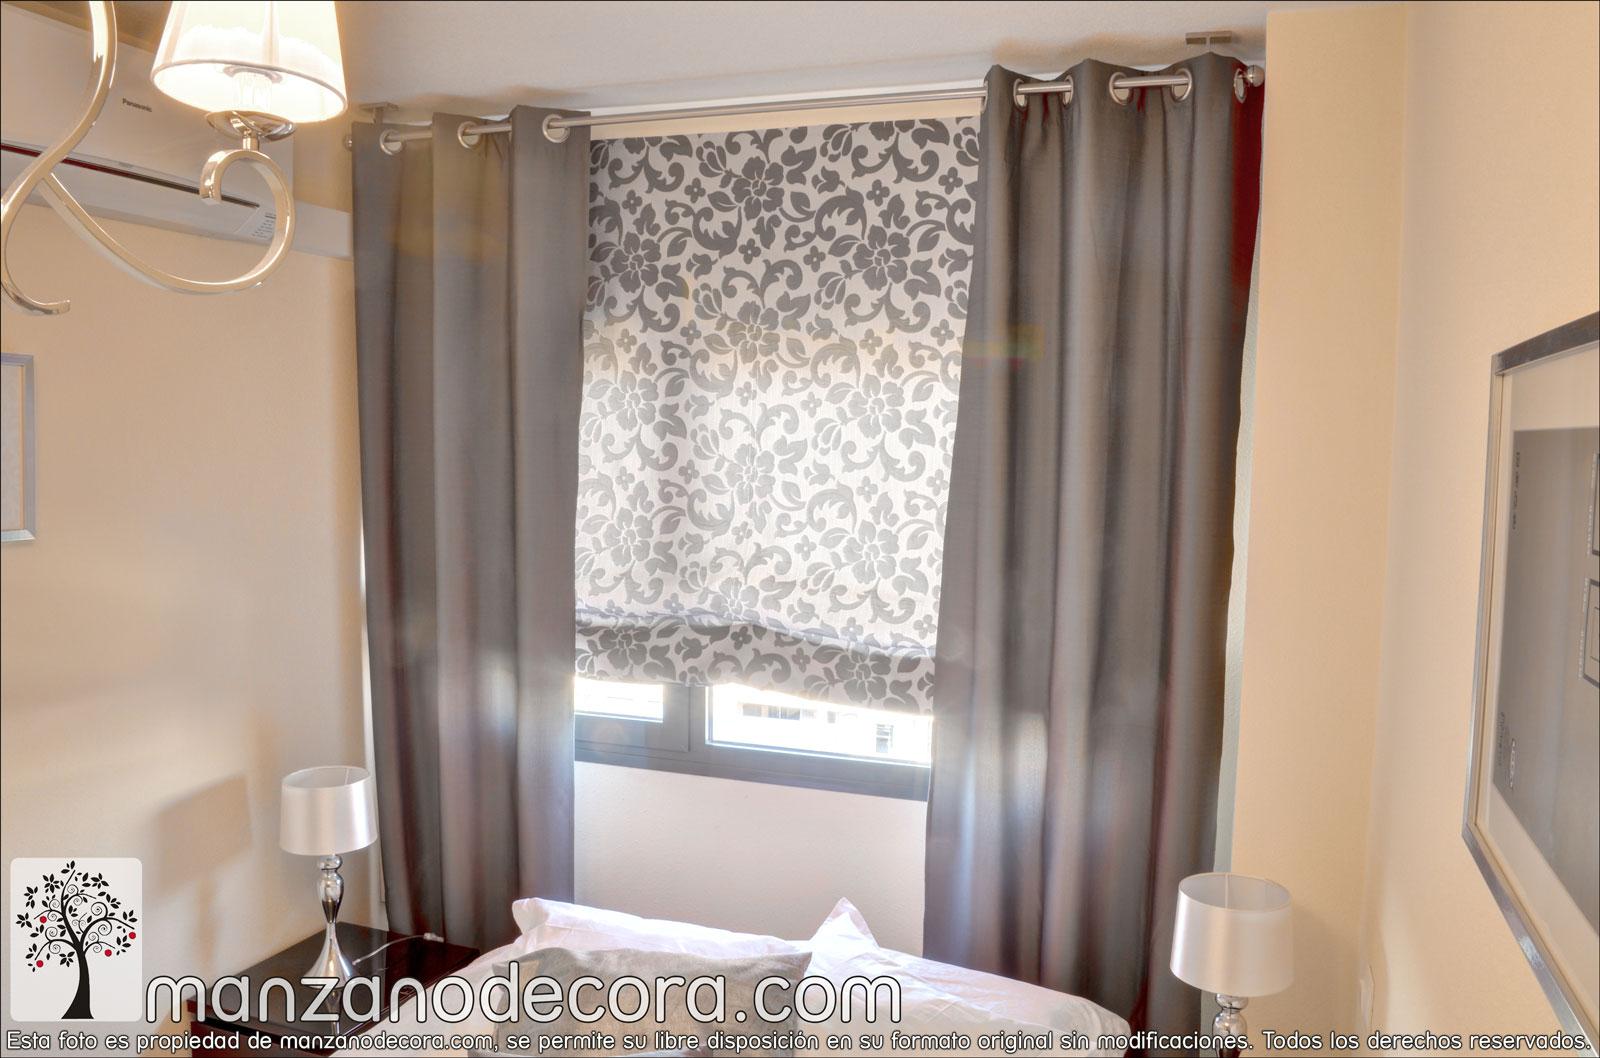 Cortinas cortinas manzanodecora - Cortinas con estores ...